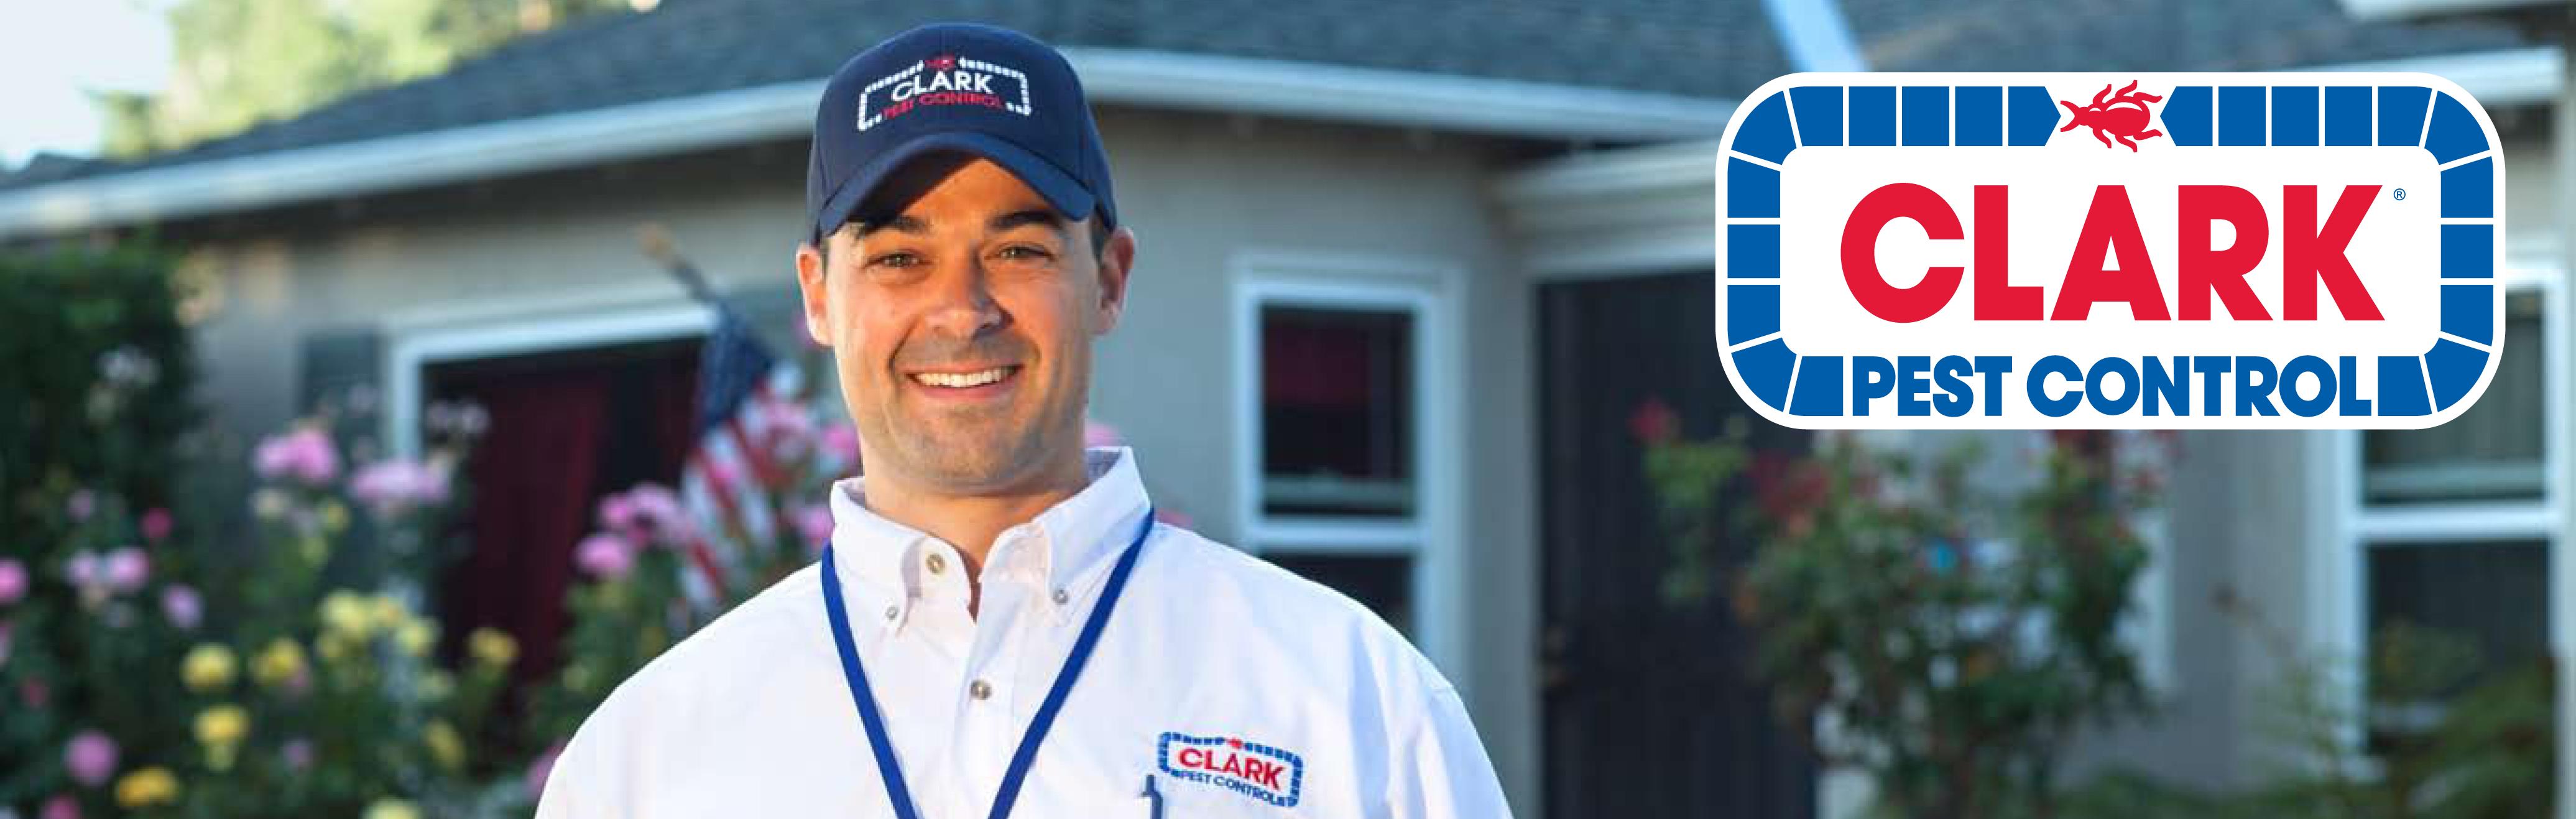 Clark Pest Control reviews | Home & Garden at 485 O'Neill Avenue - Belmont CA